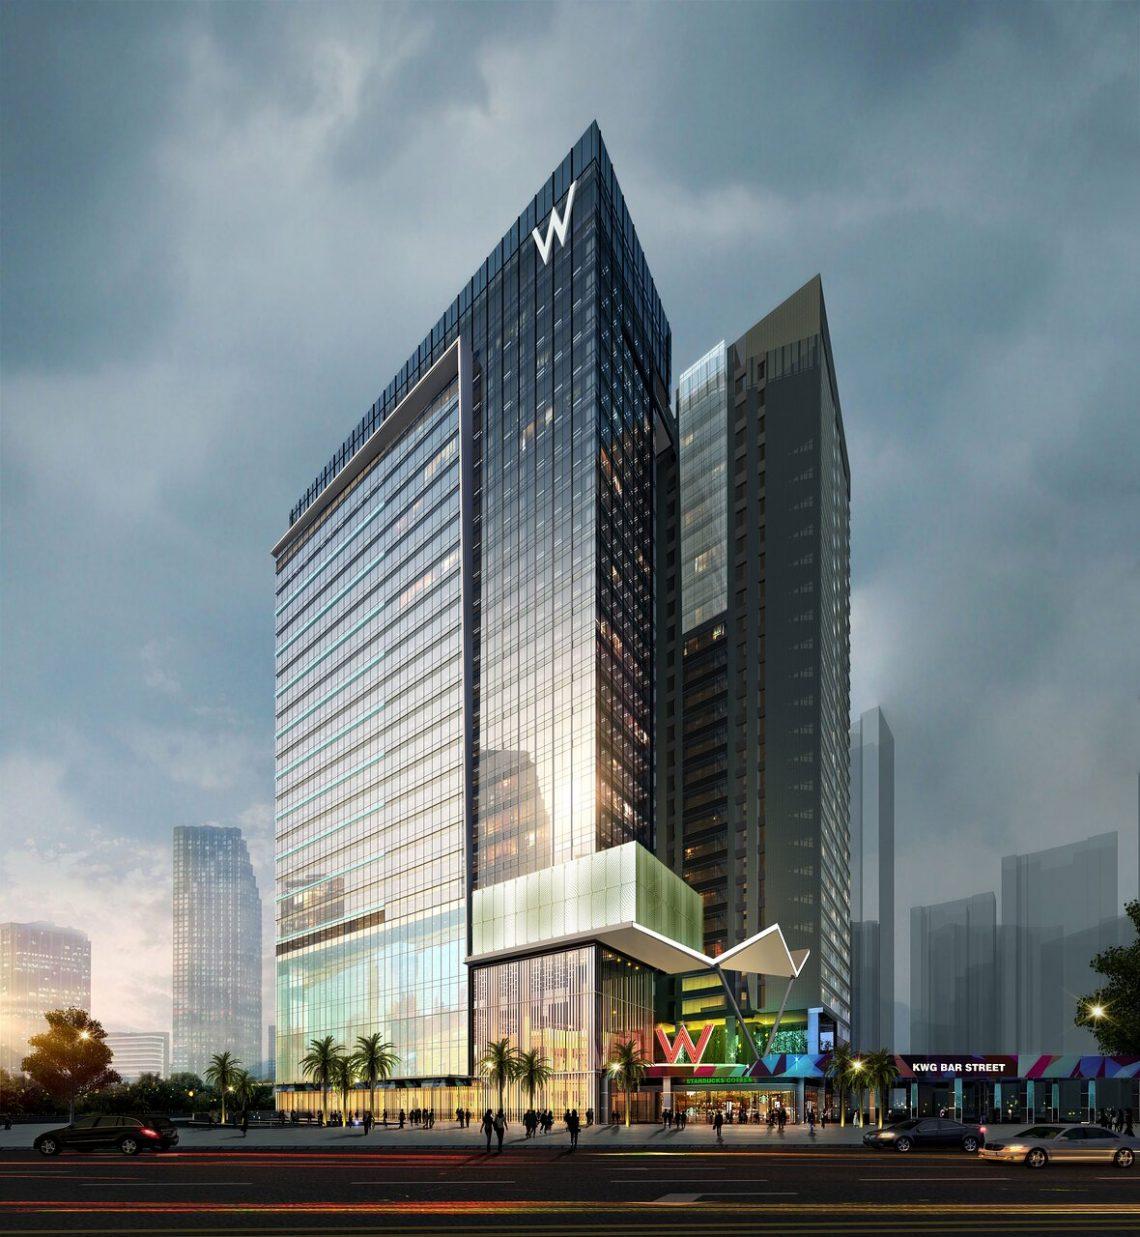 W Hotels estreia no sudoeste da China com W Chengdu